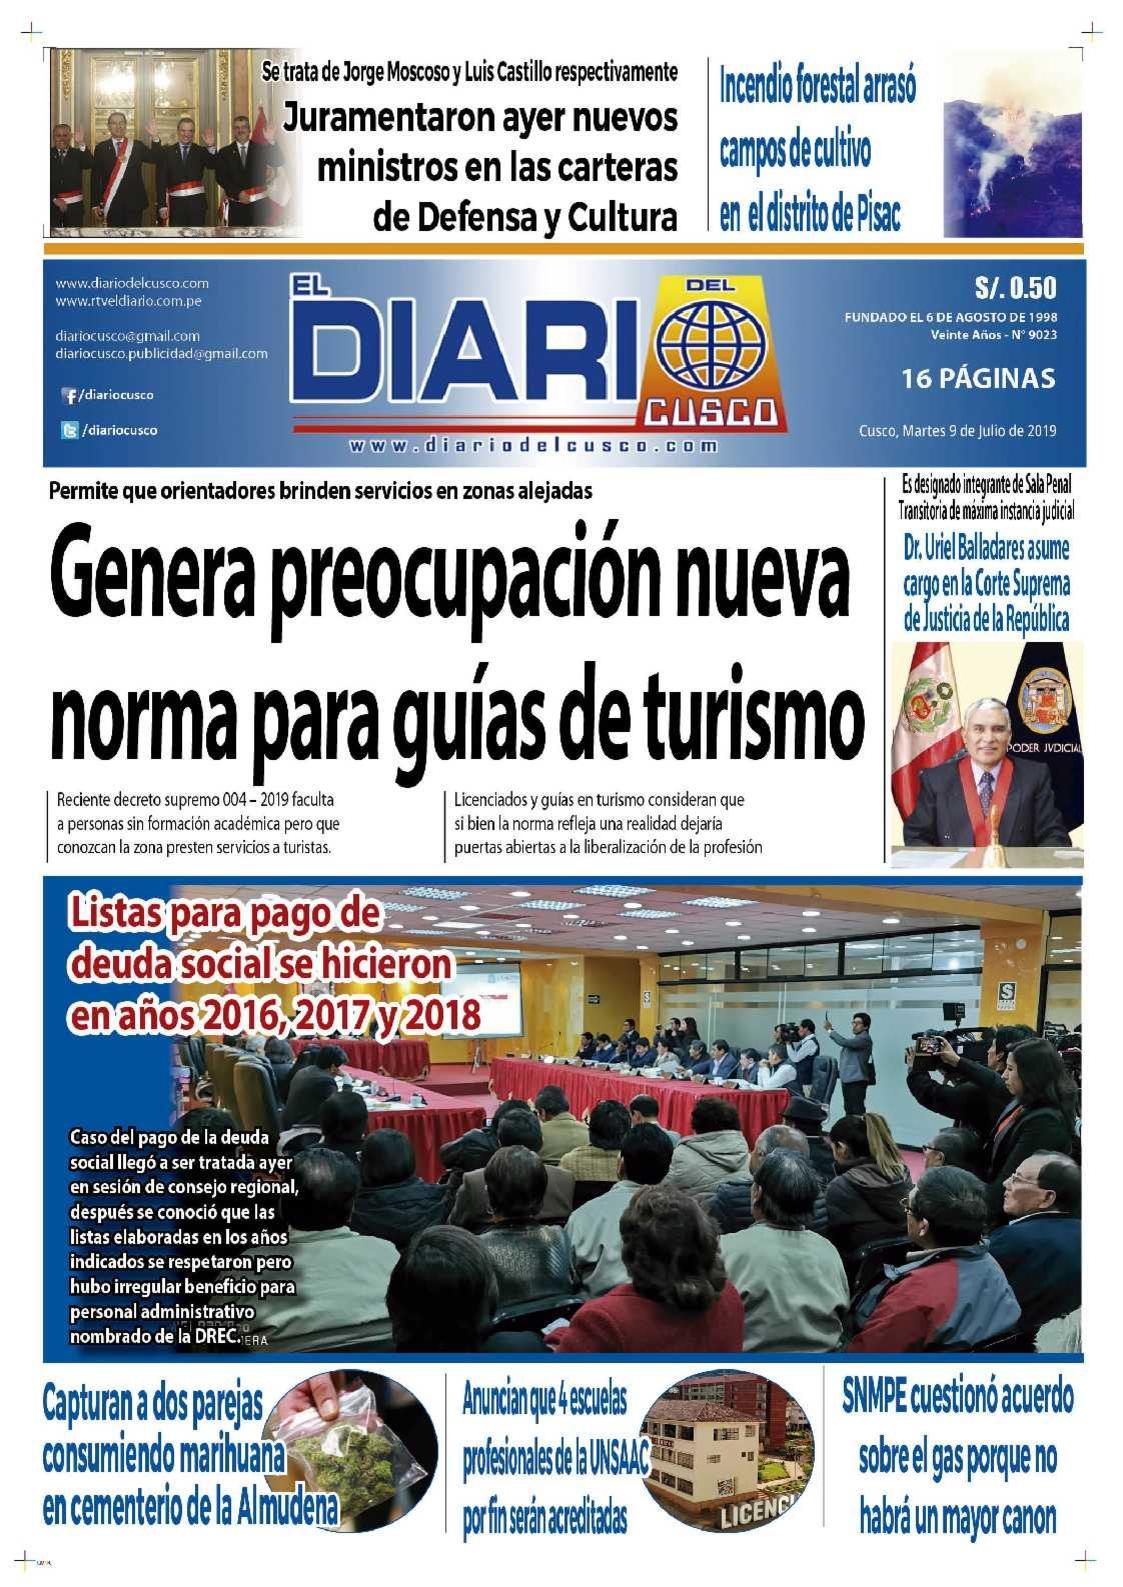 Diario del Cusco  9 de Julio de 2019